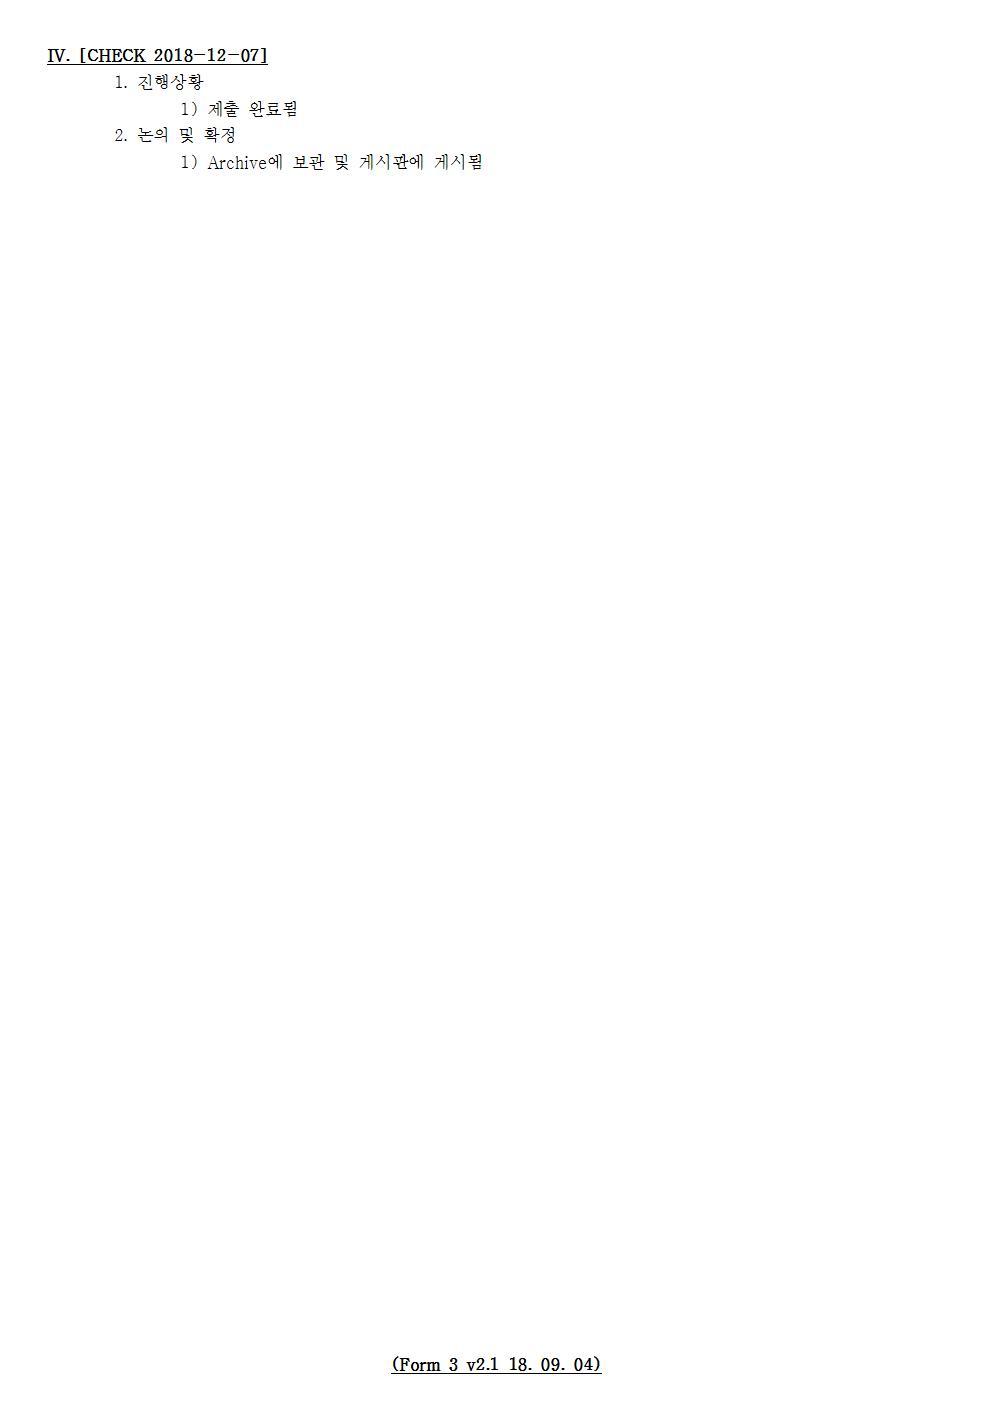 D-[18-057-RD-13]-[중견과제_제안서][2018-12-07][SH]002.jpg